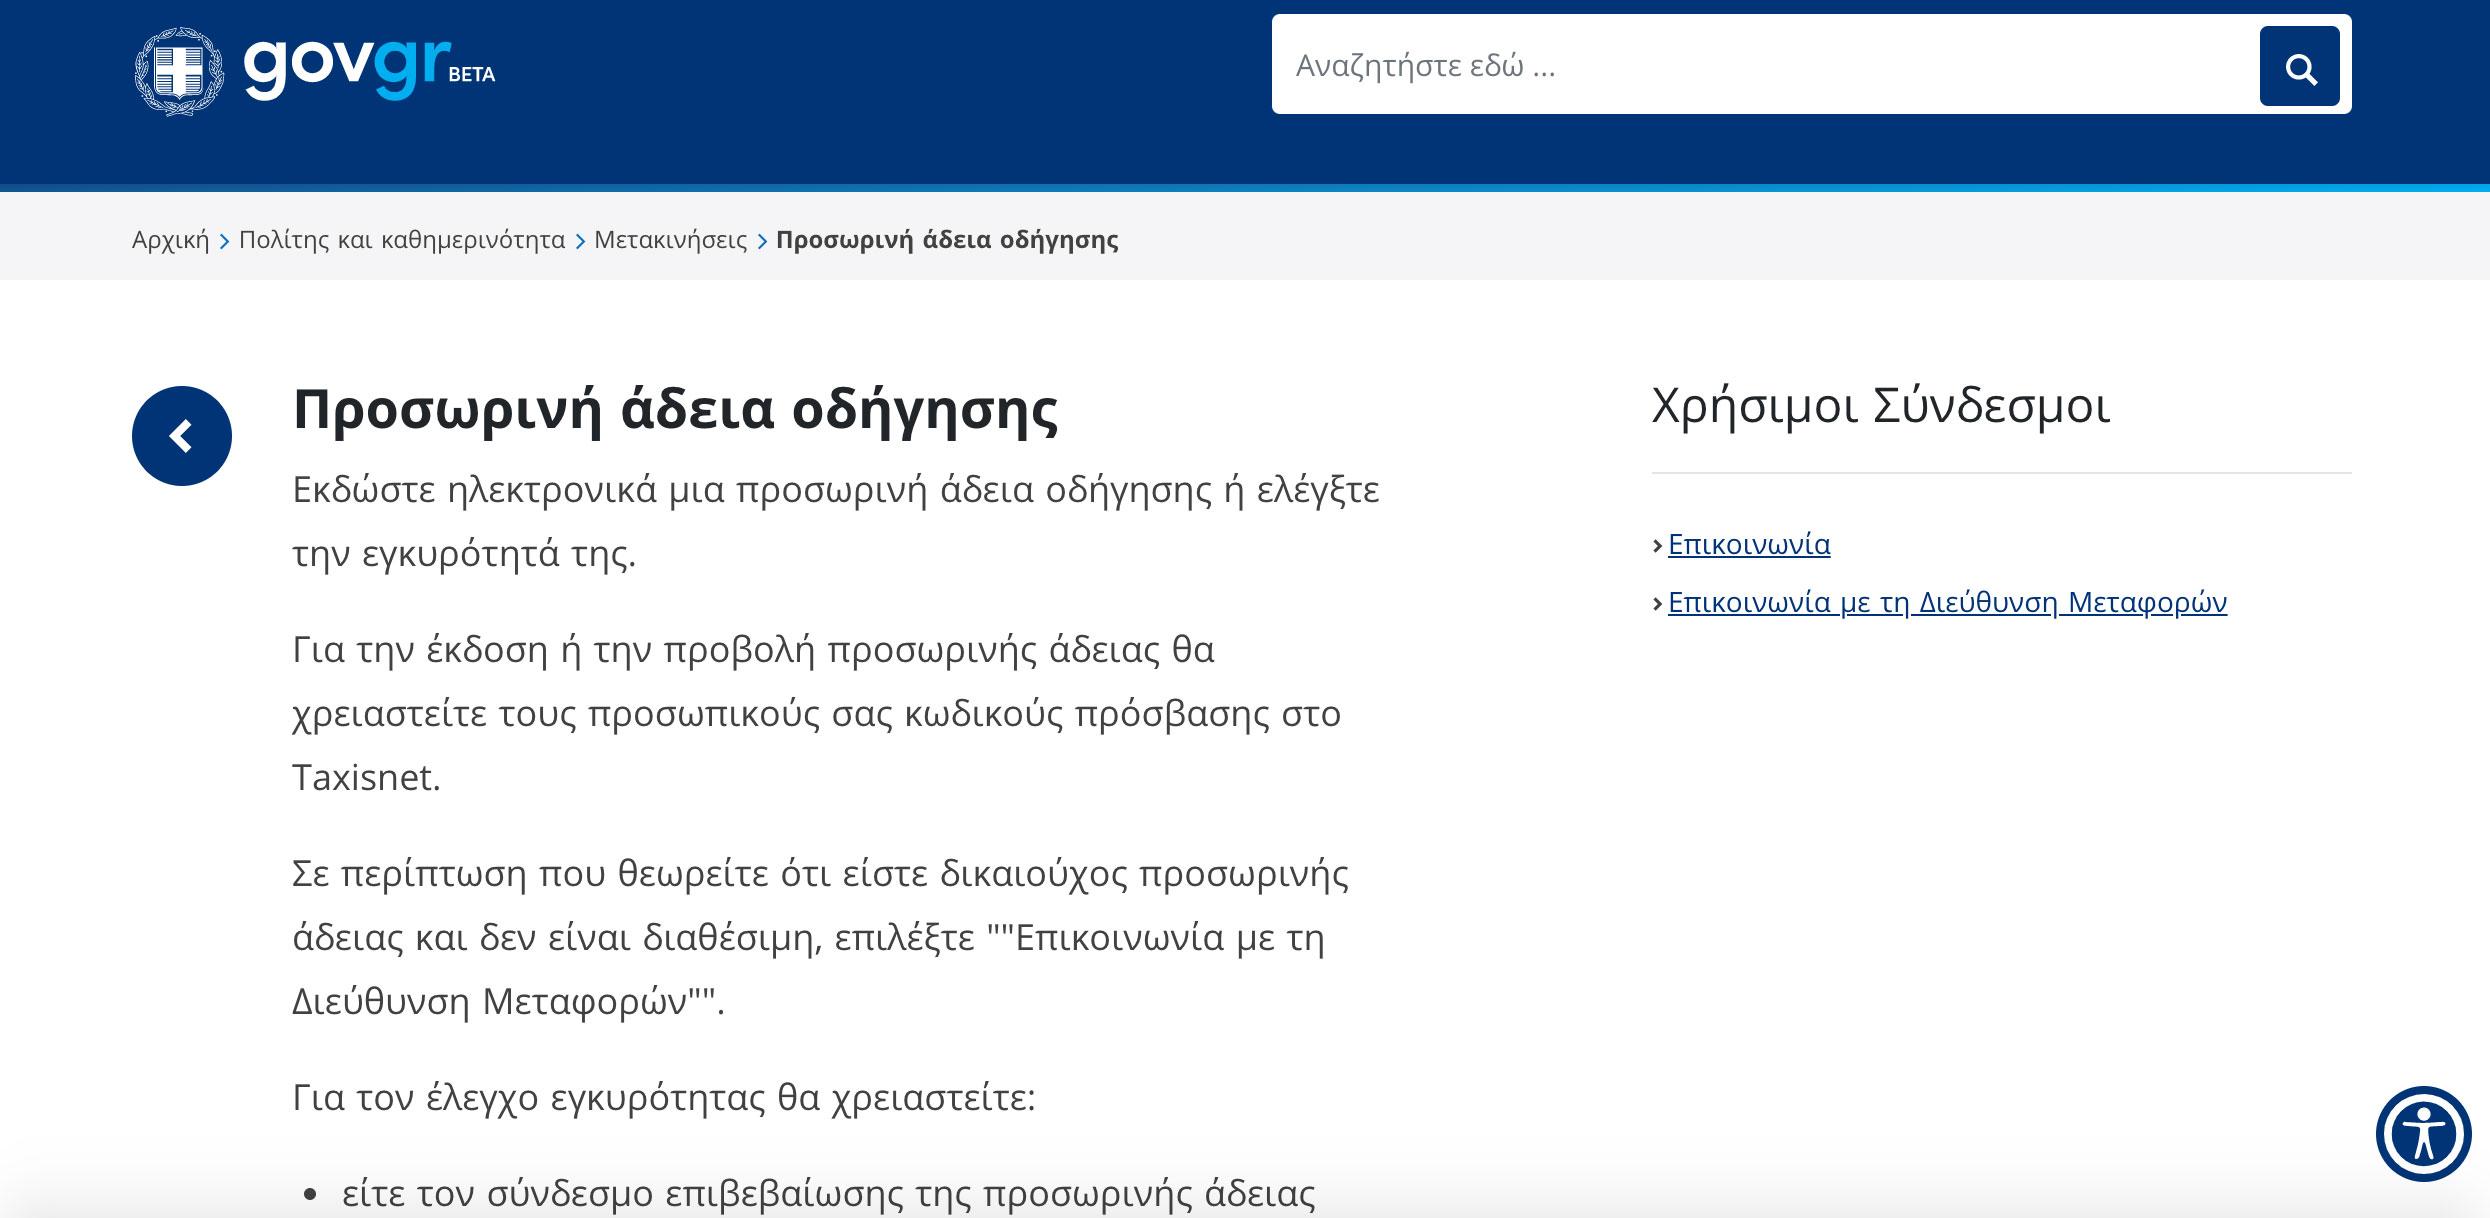 Δίπλωμα με… ένα κλικ στο gov.gr – Πως θα πάρετε προσωρινή άδεια οδήγησης